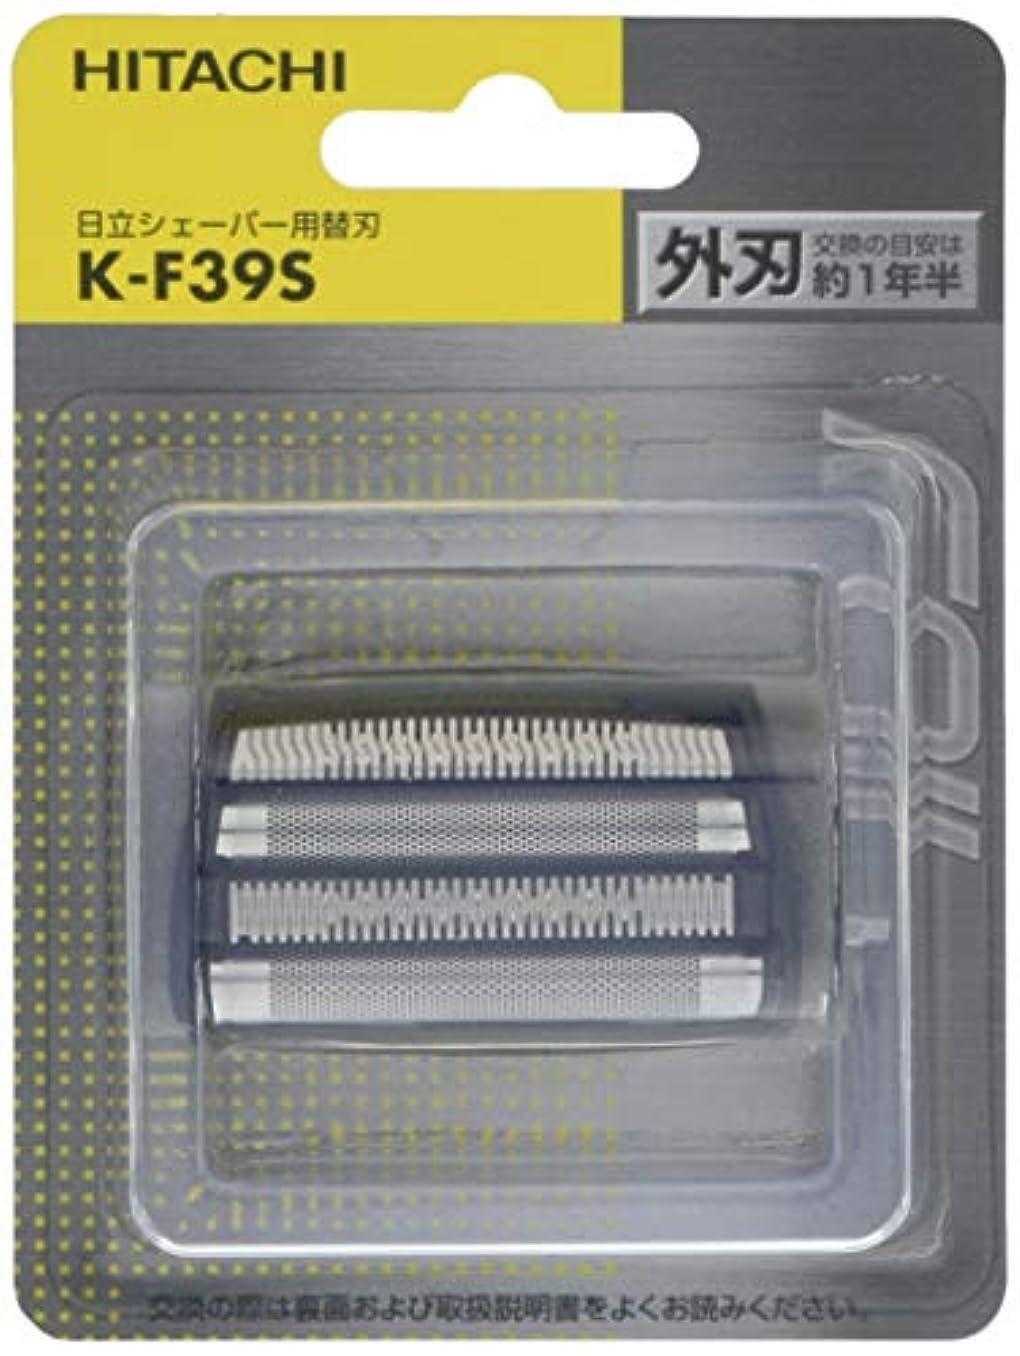 若者ユダヤ人プラス日立 メンズシェーバー用替刃(外刃) K-F39S